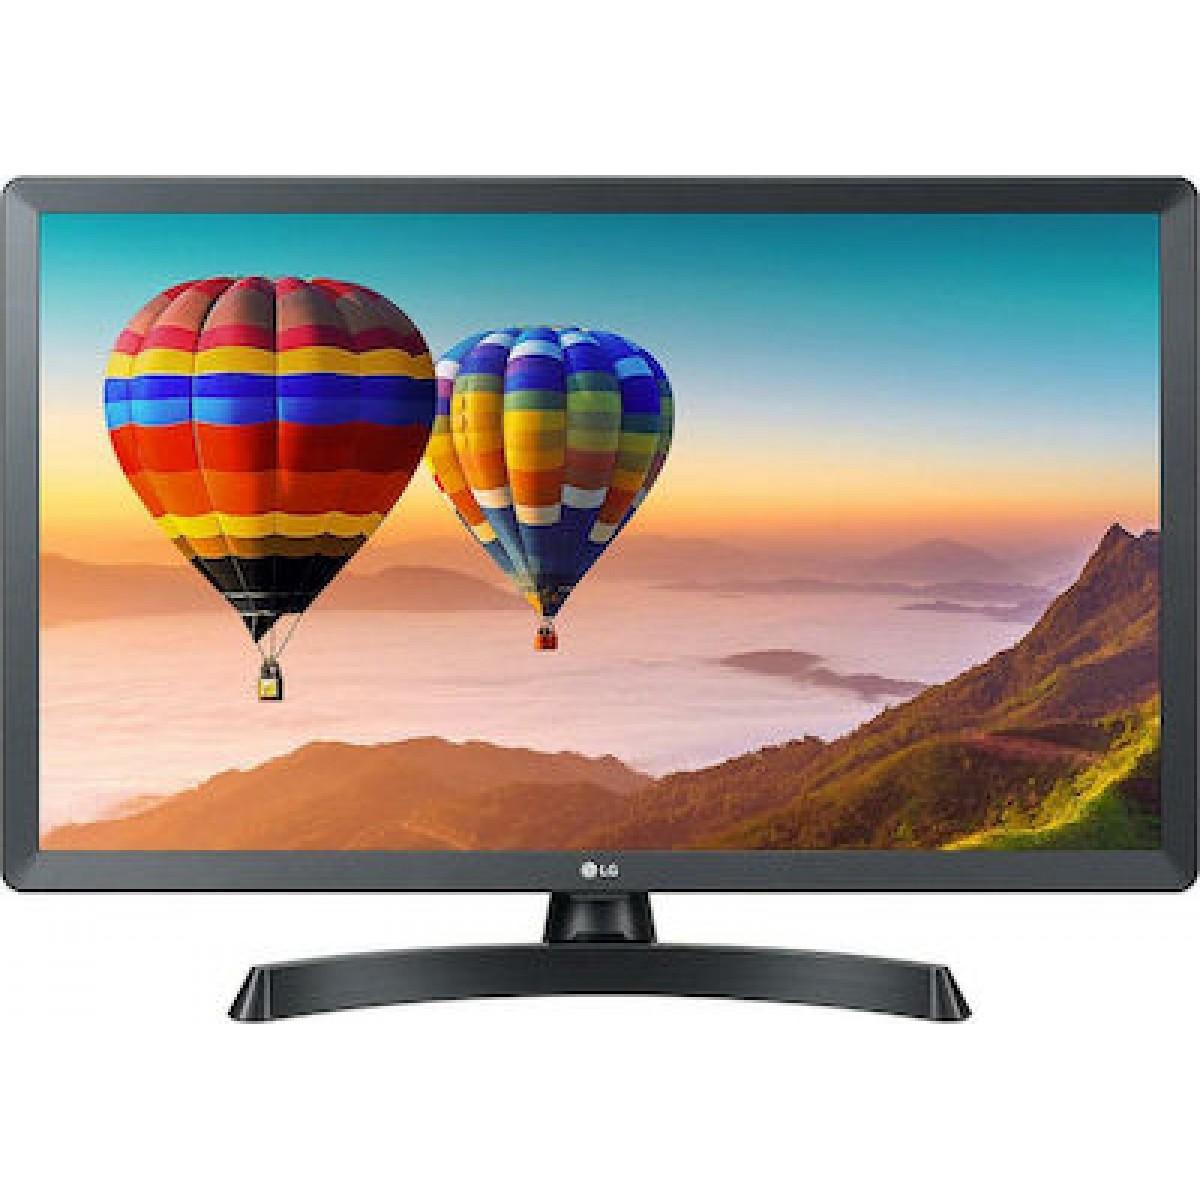 Monitor-Τηλεόραση LG 28TN515V-PZ TV  Τηλεοράσεις